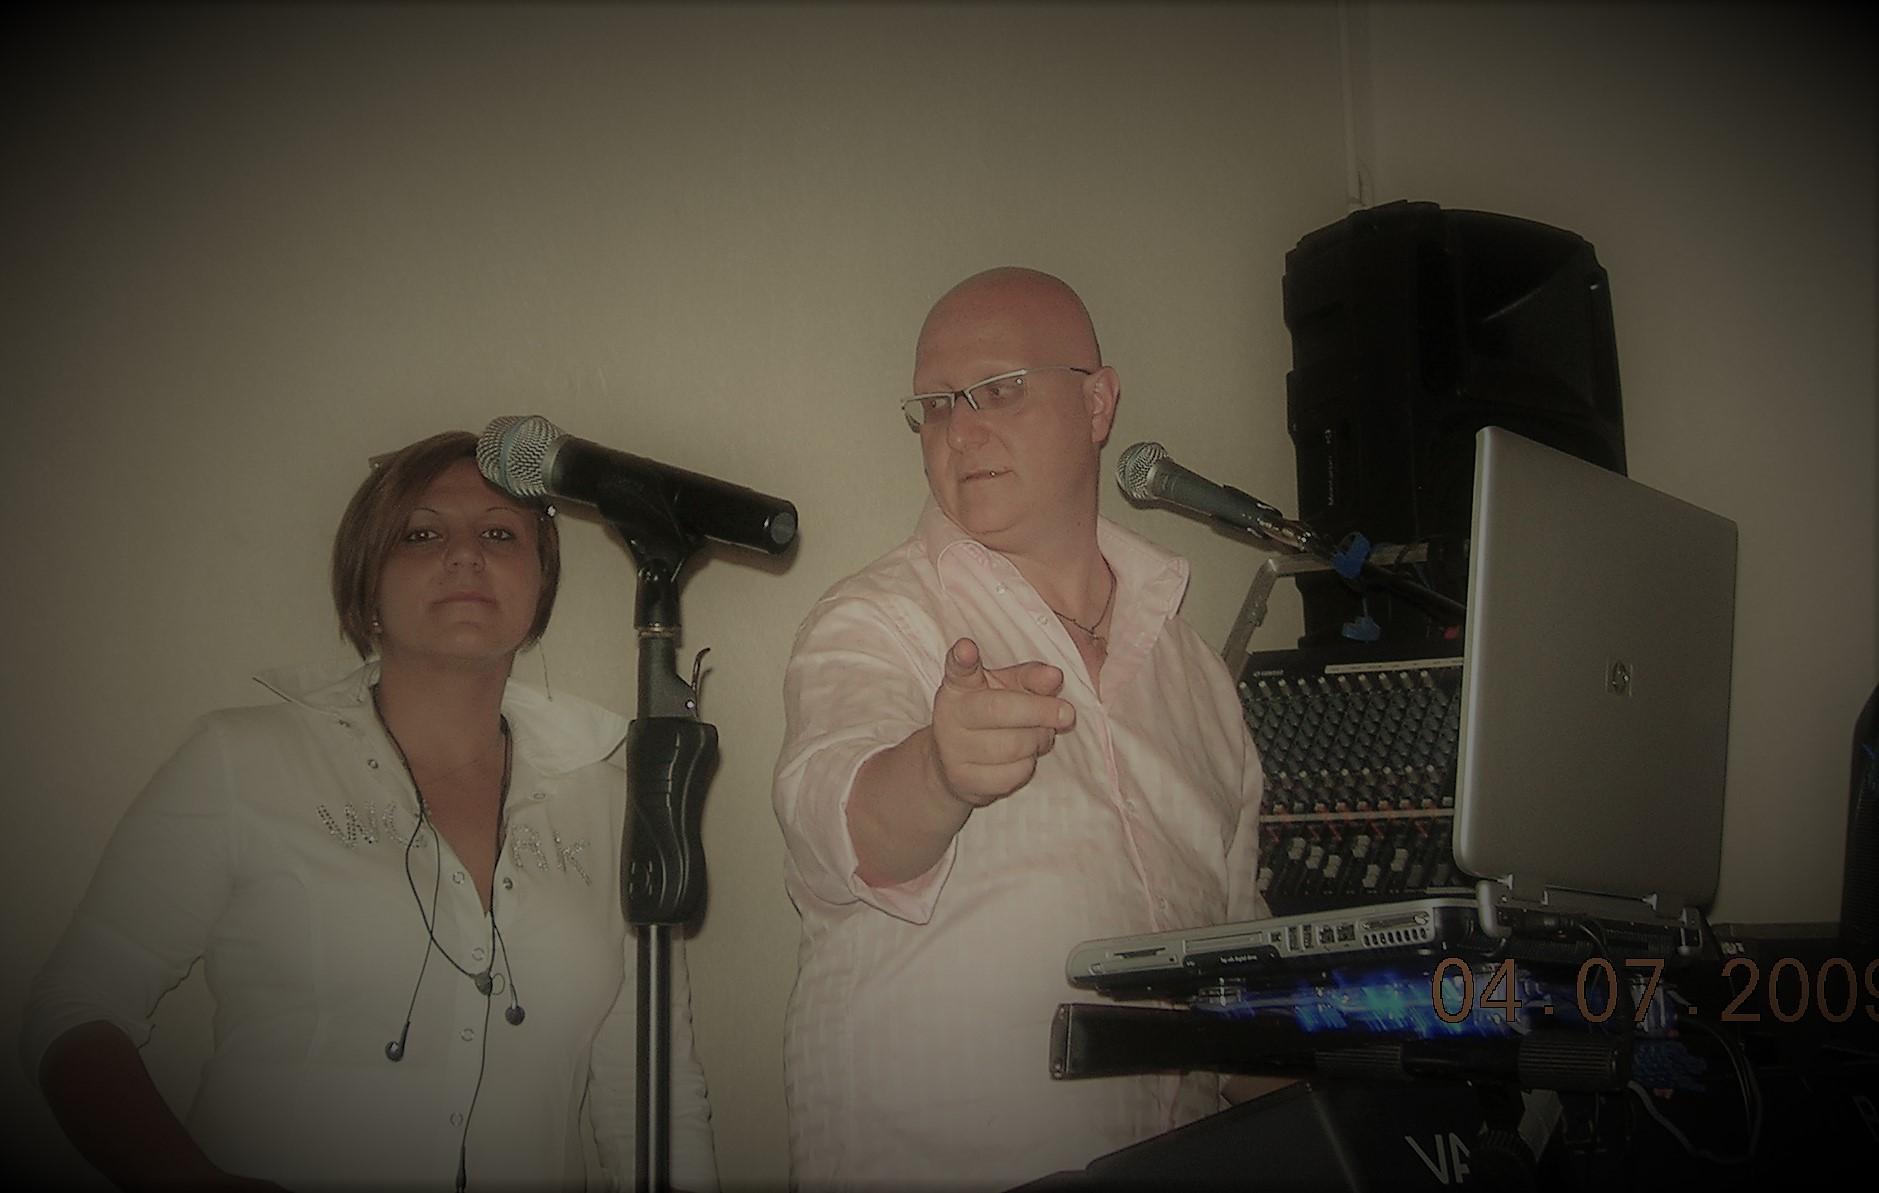 Oscar e Emanuela 04.07.2009 - 063.JPG